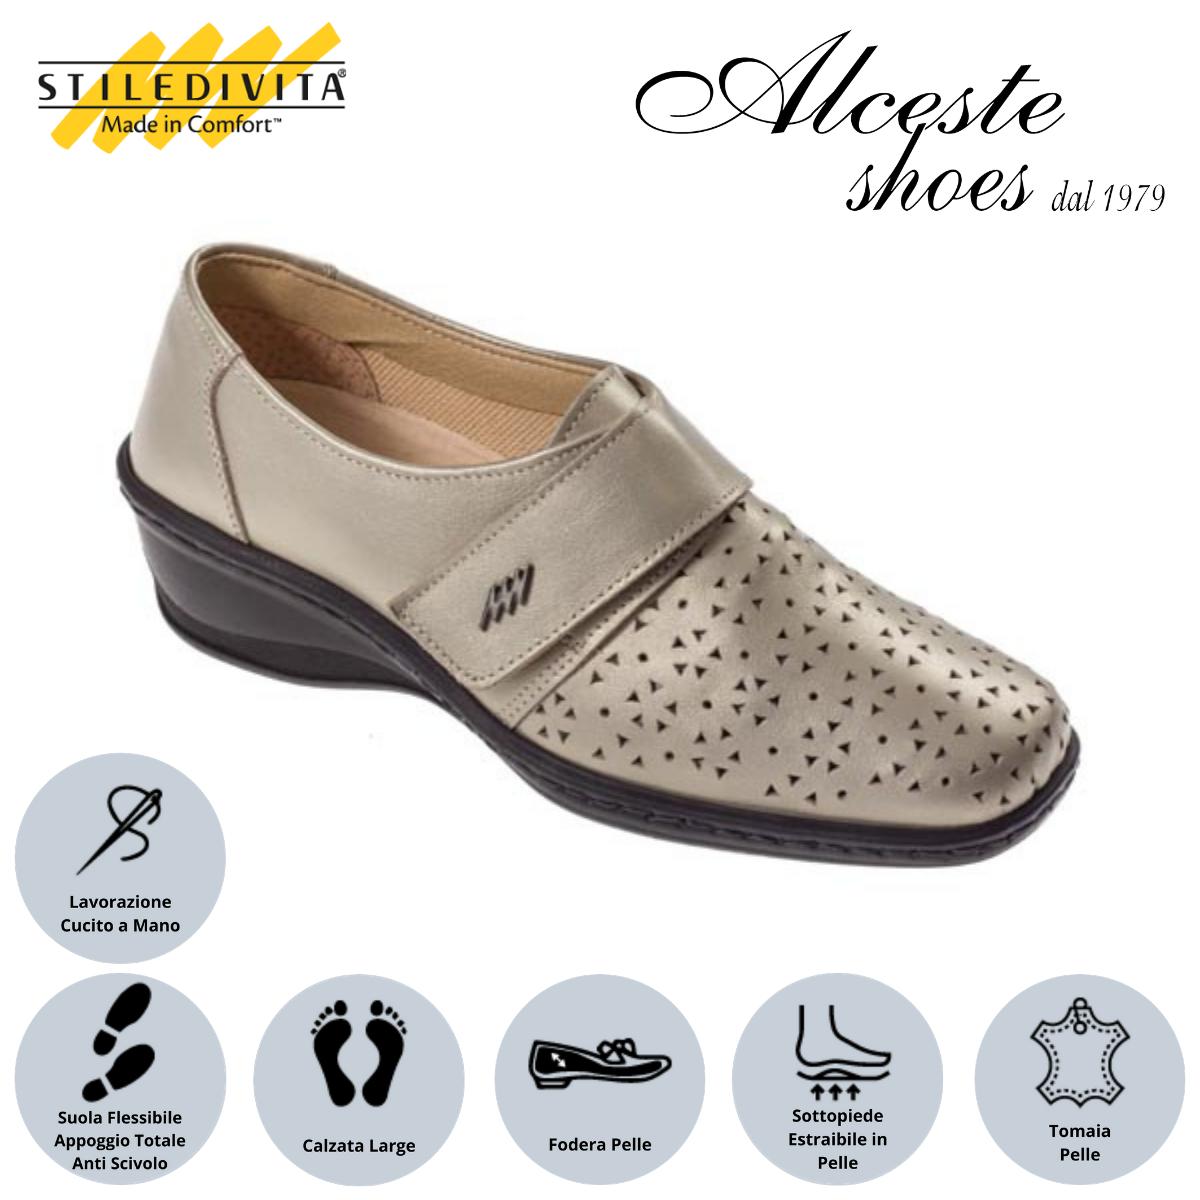 Scarpa Traforata con Strappo Stiledivita Art. 7144 Pelle Pietra Perlato Alceste Shoes 20